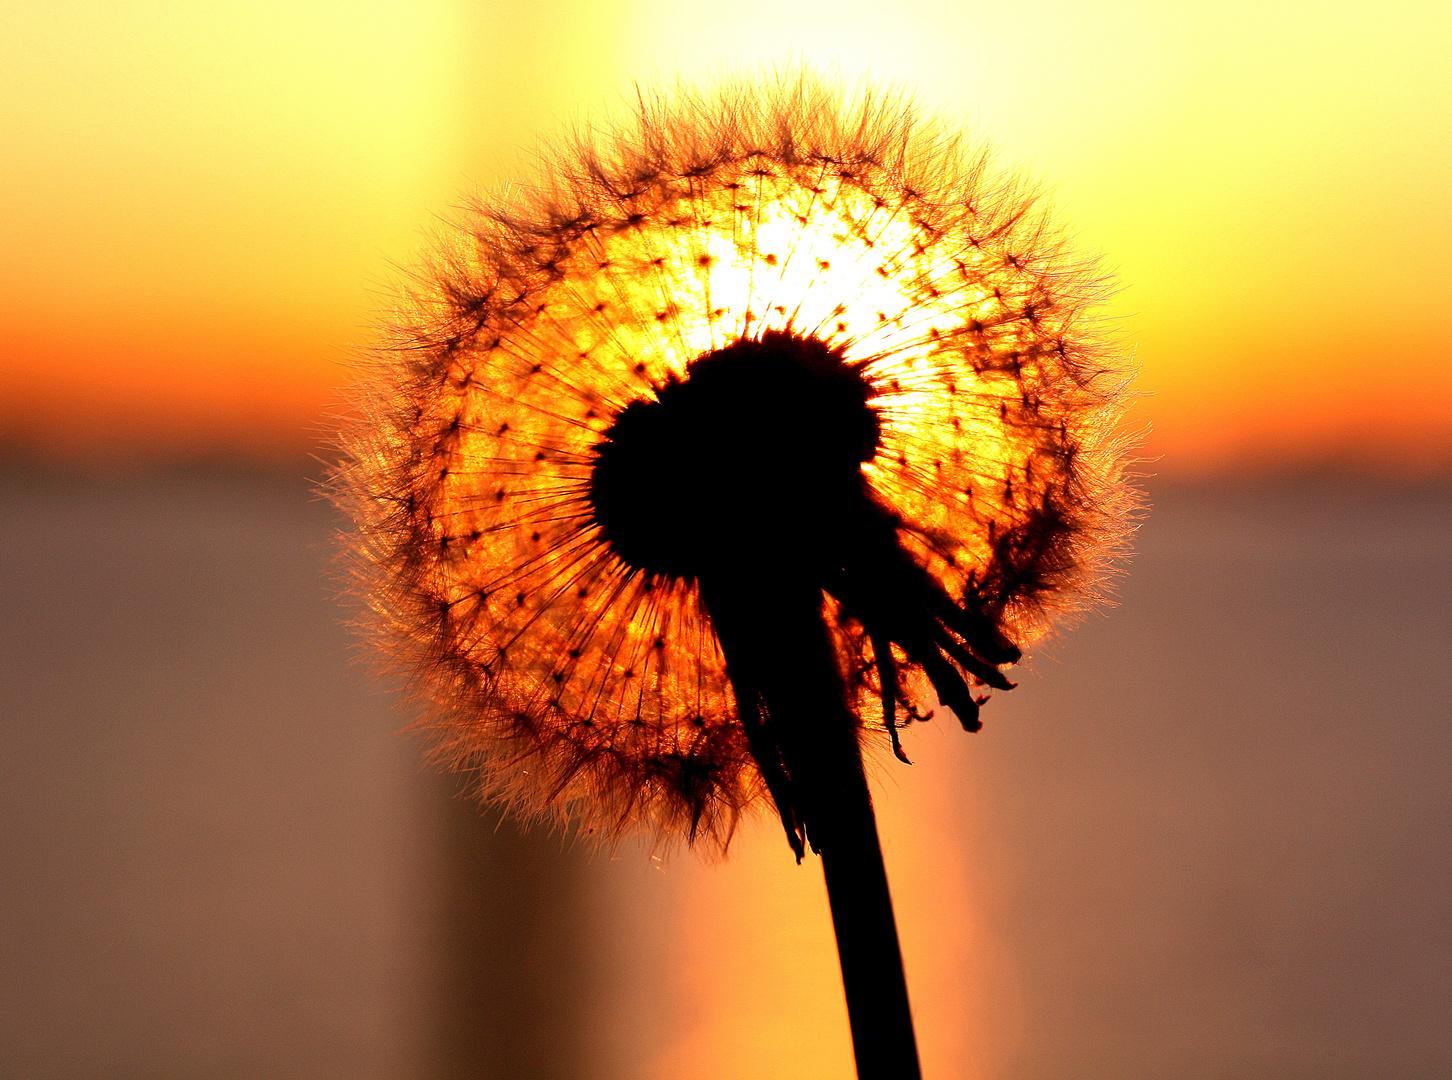 Verteile die Blüten des Lebens....